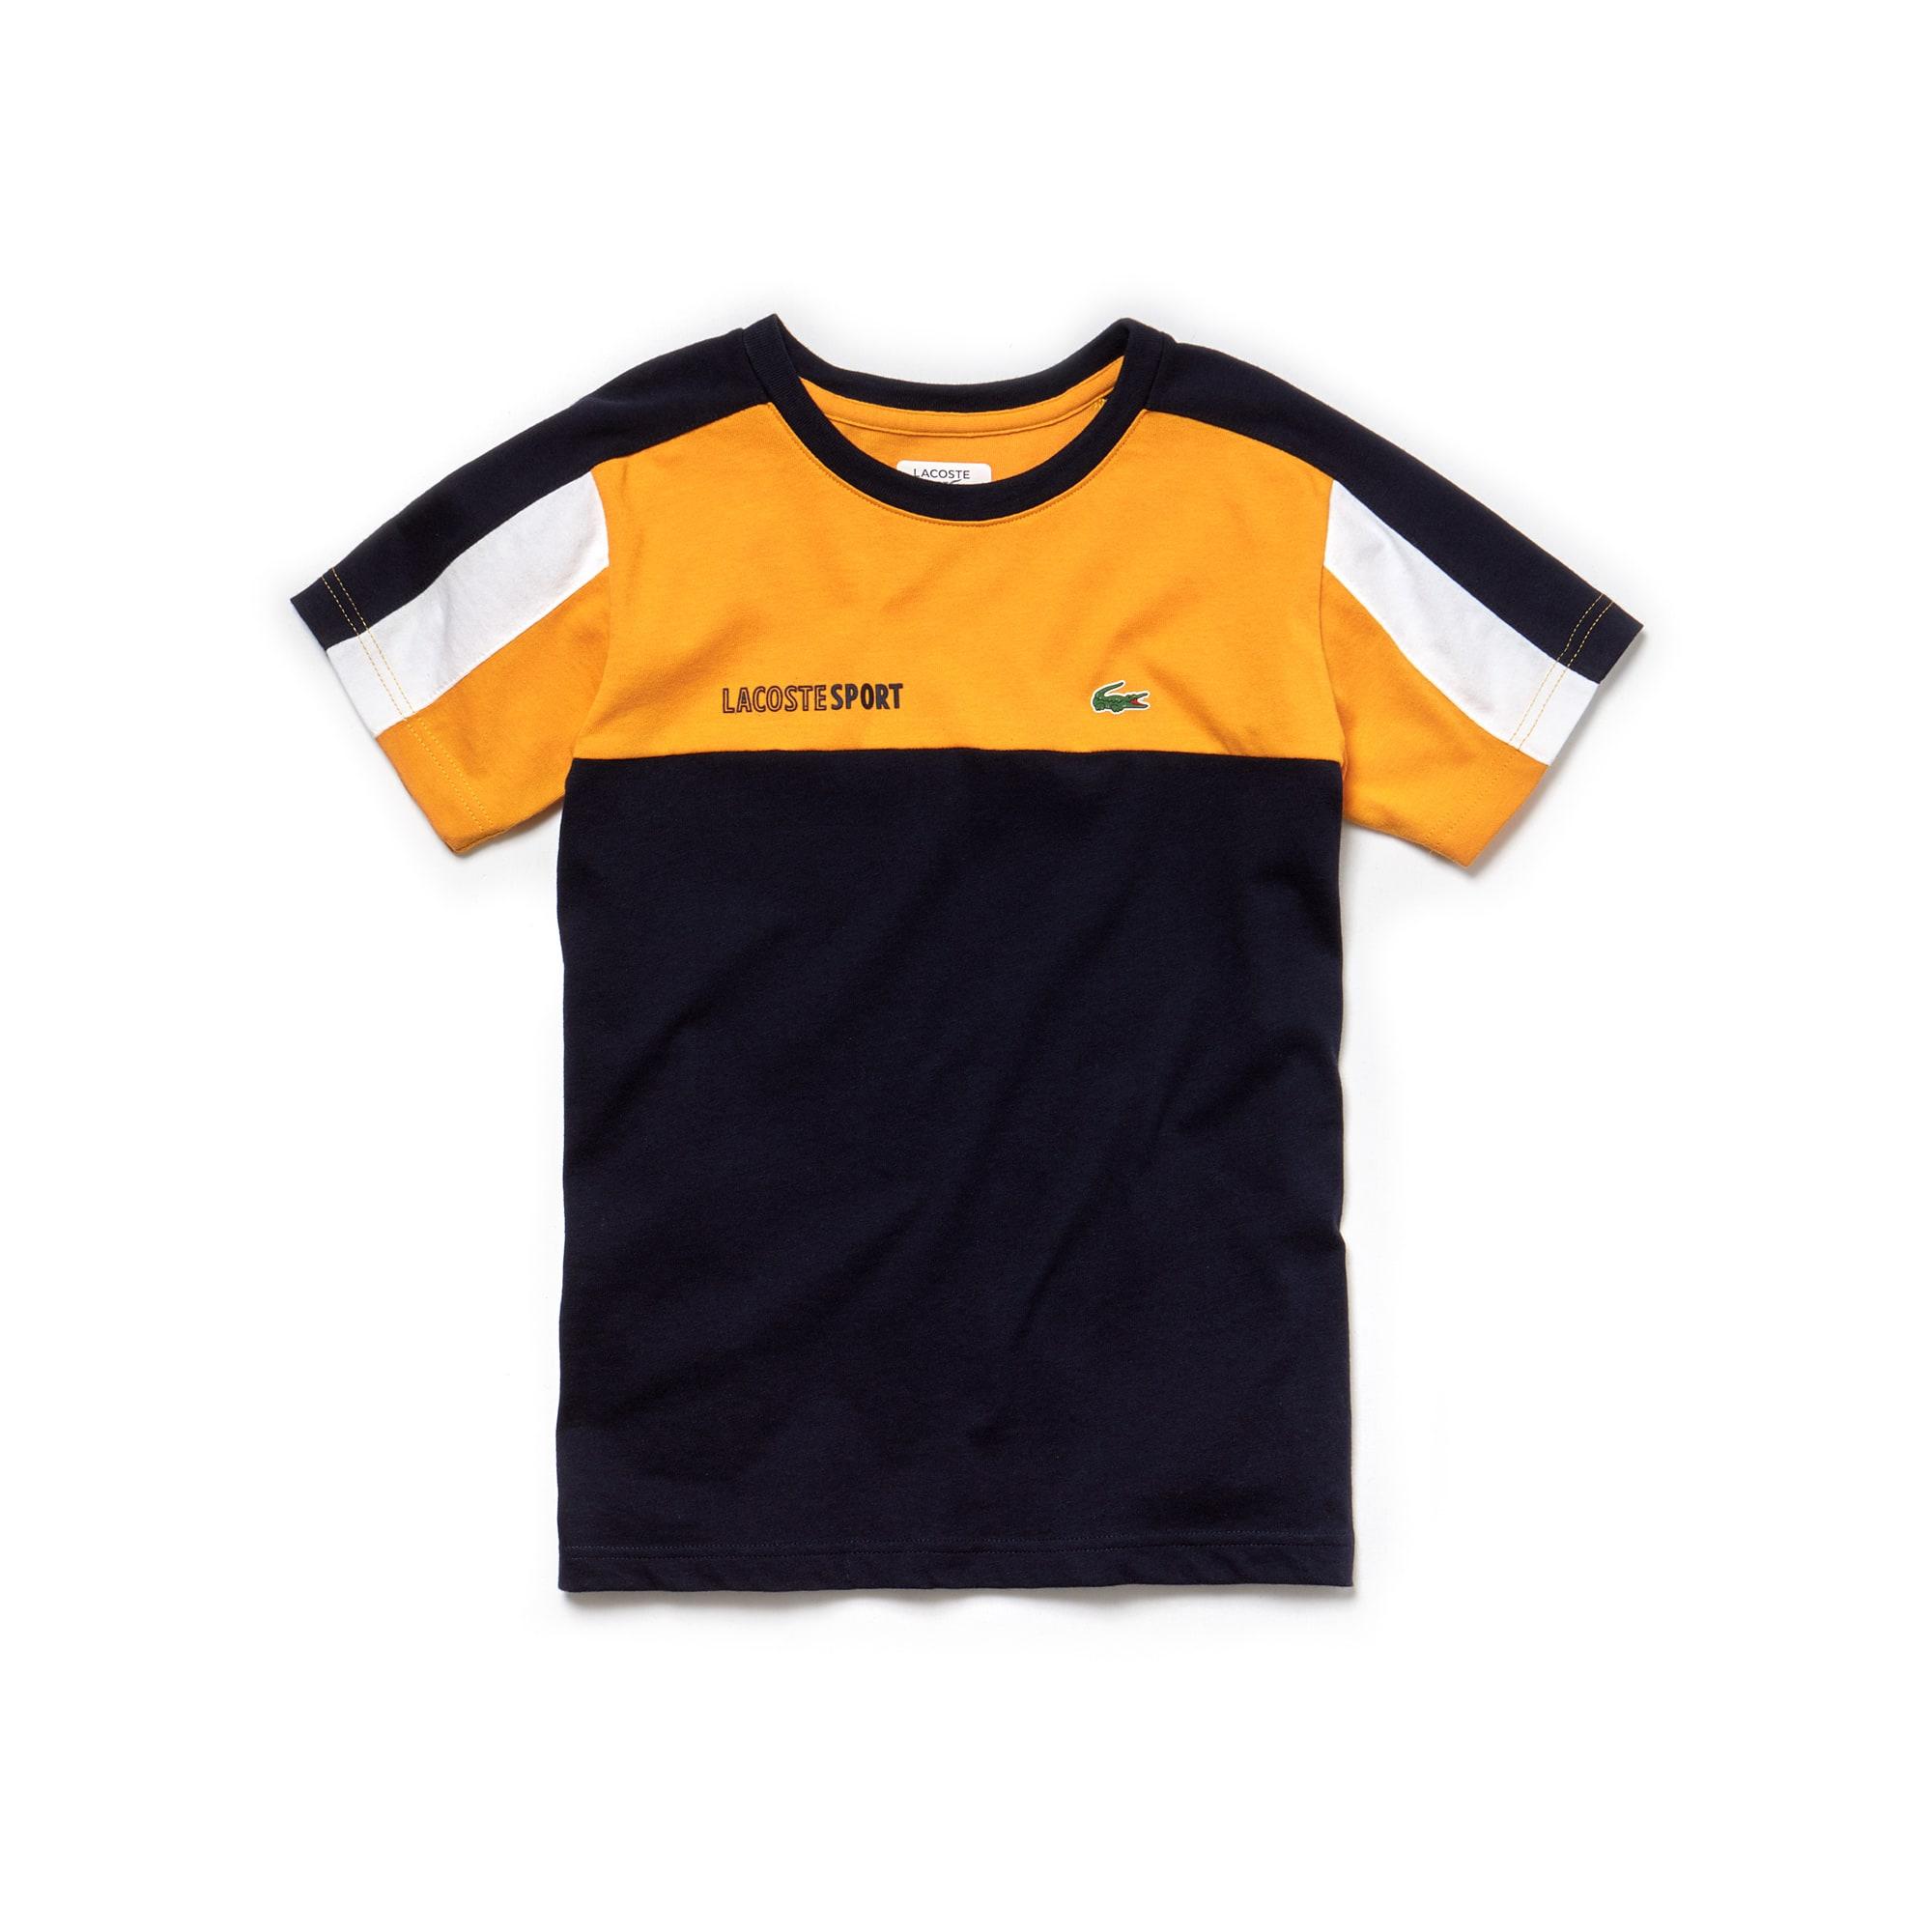 Lacoste - Camiseta De Niño Lacoste SPORT Tennis En Tejido De Punto Con Color Block Y Cuello Redondo - 1